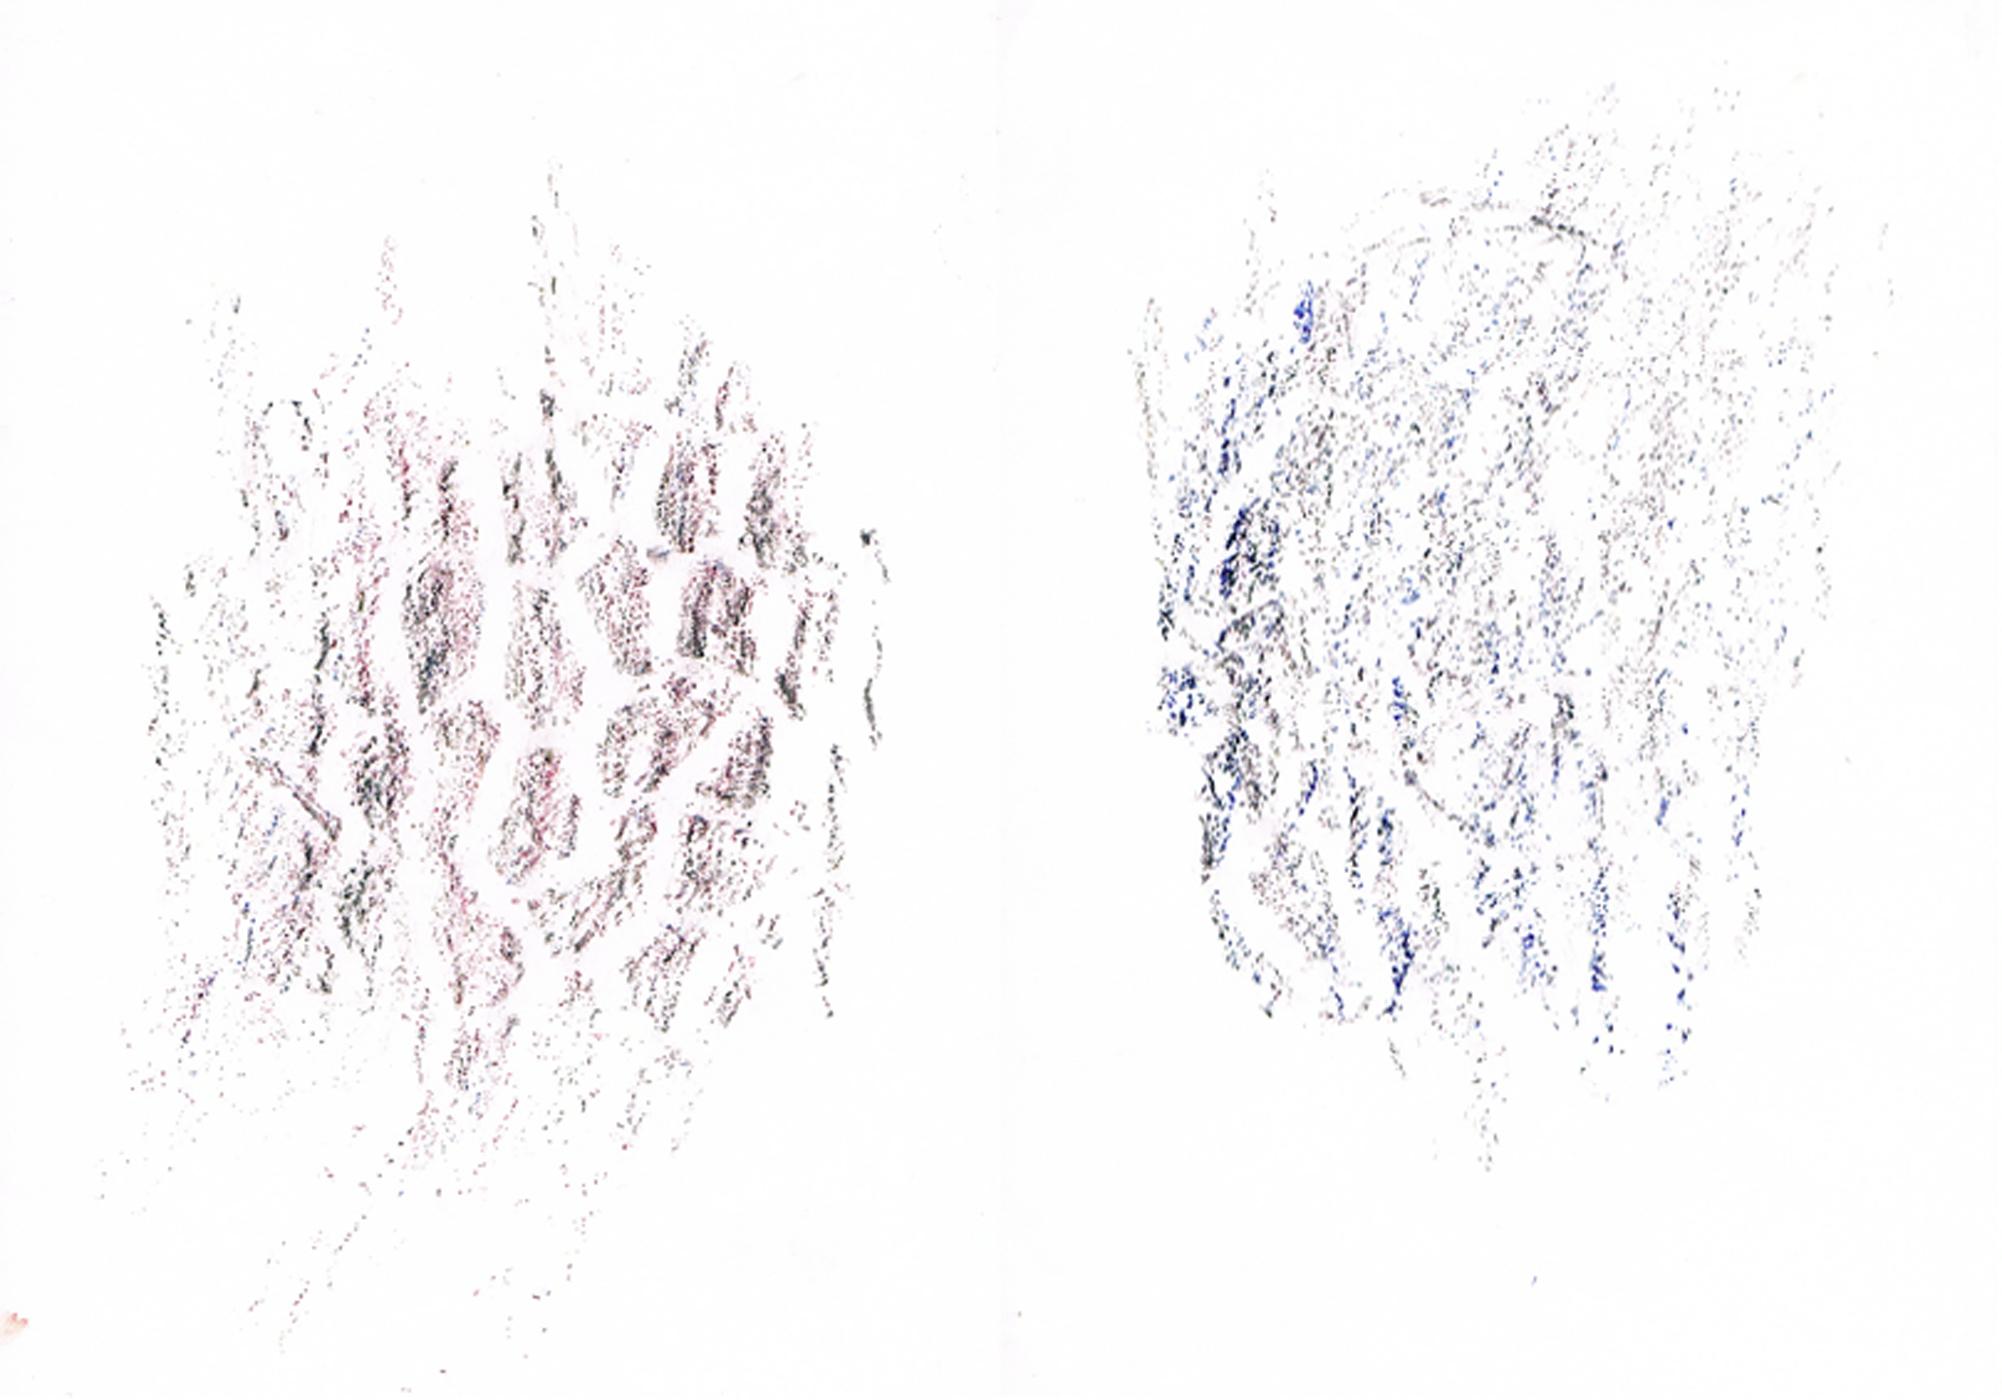 MARC FELD 2016 SOMETHING Pigments sur papier  42 x 30 cm